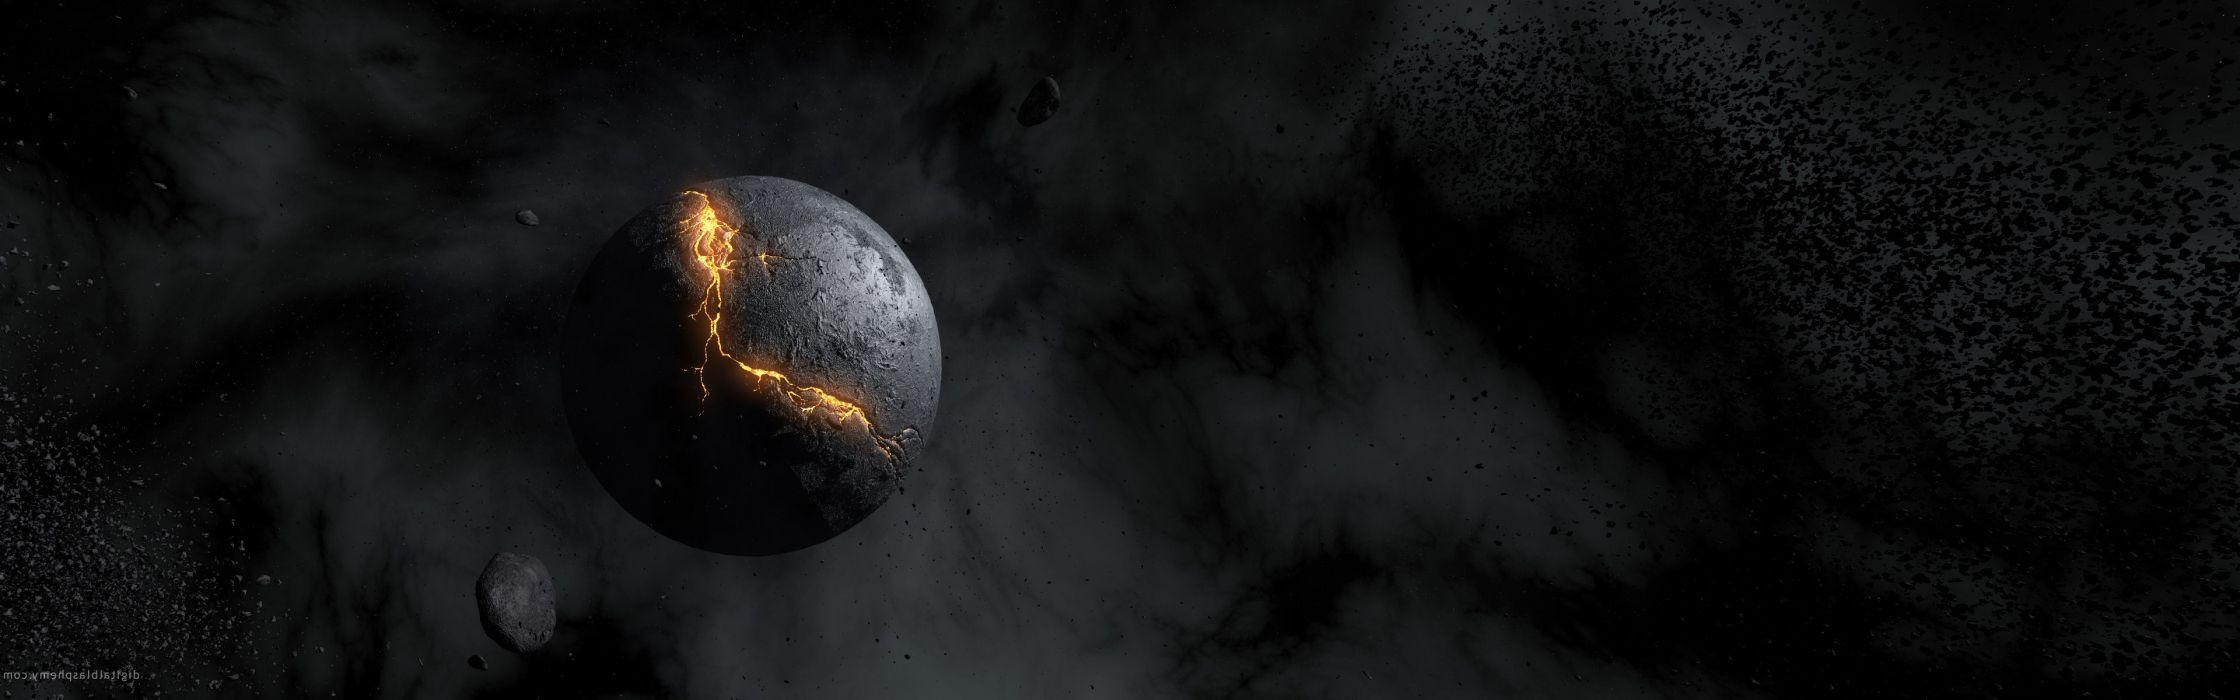 Outer space planets destruction crack wallpaper